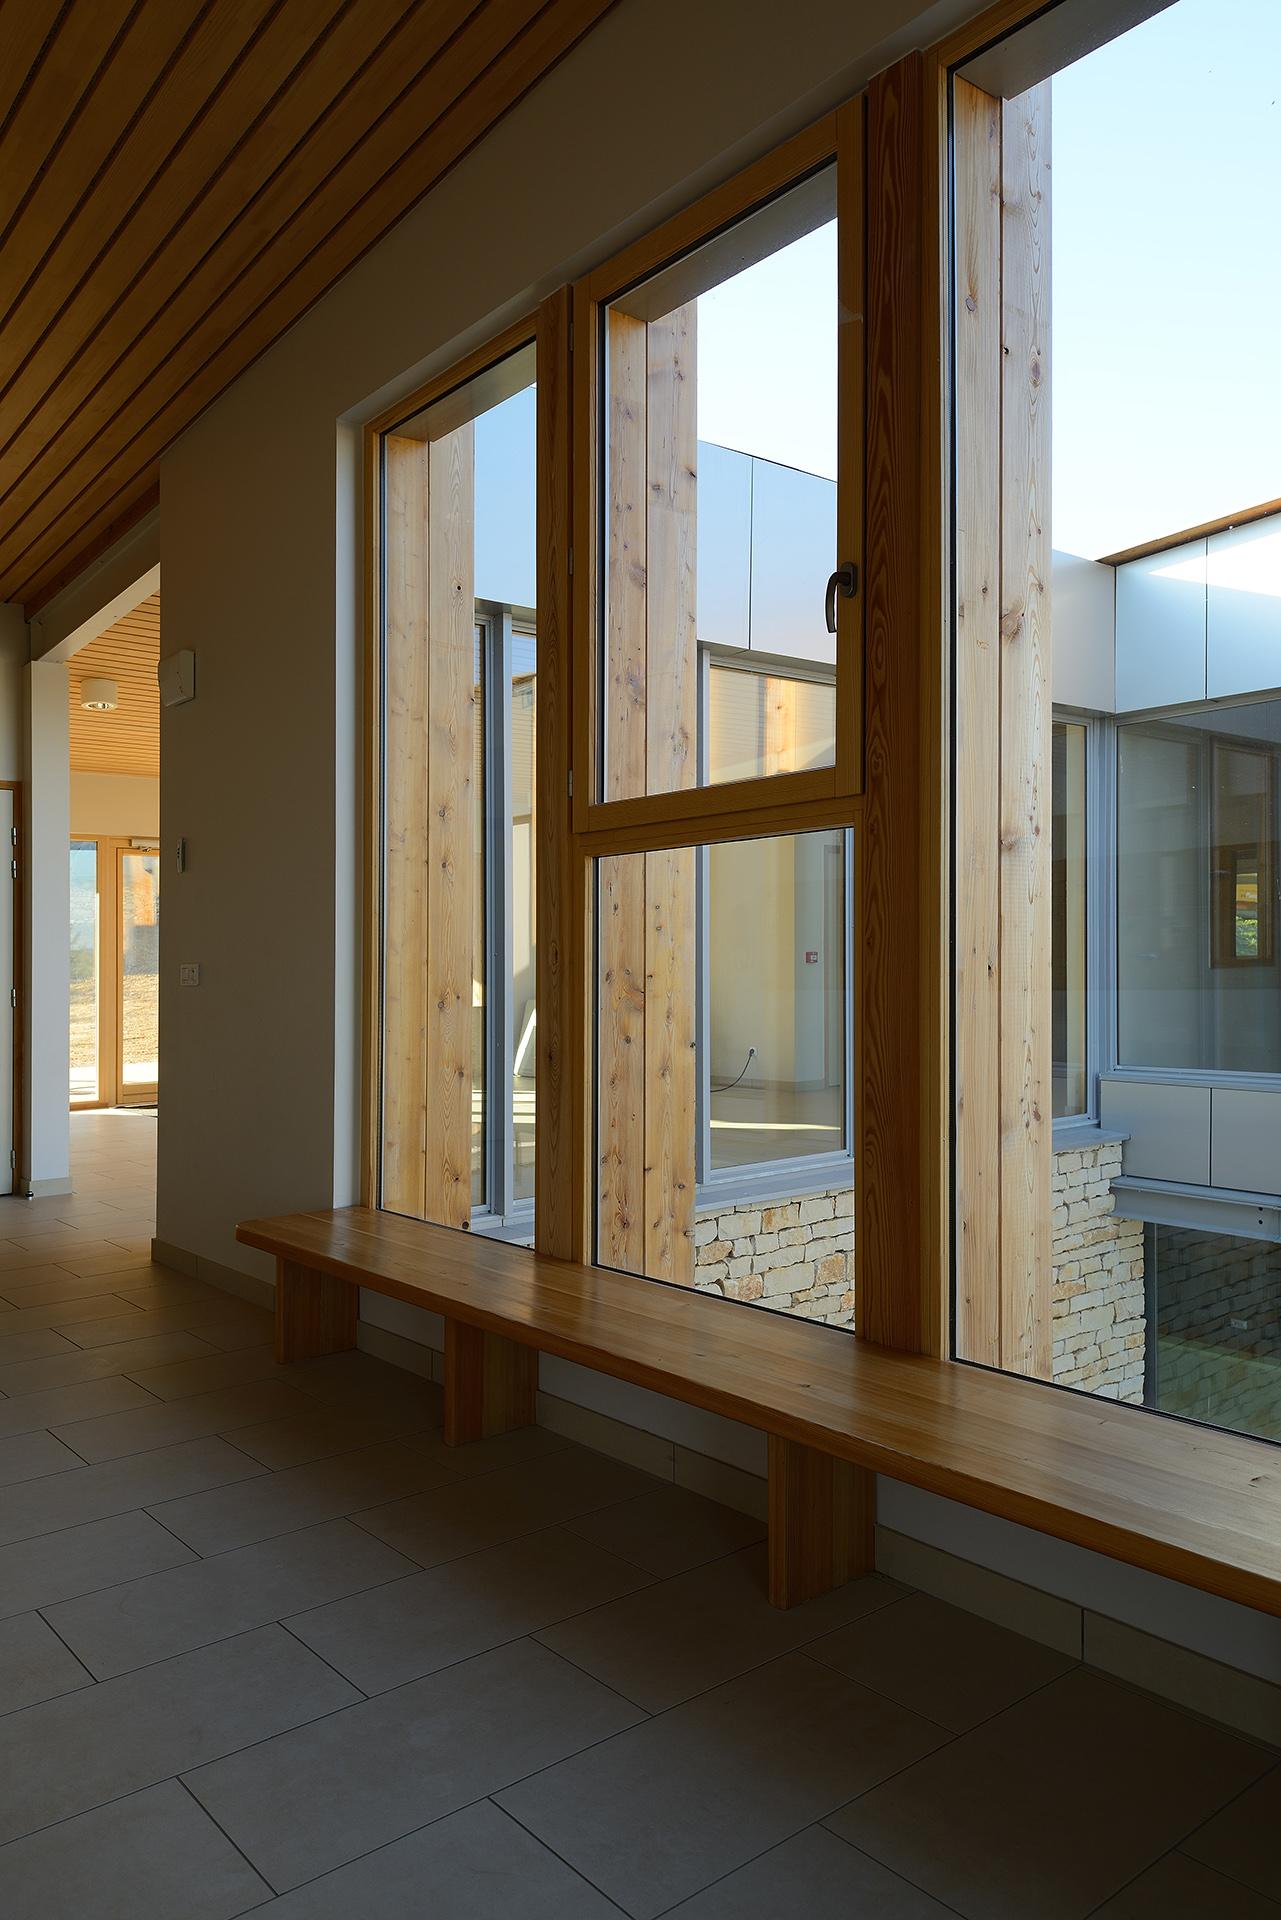 Salle associative Anse (Atelier Régis Gachon Architecte)